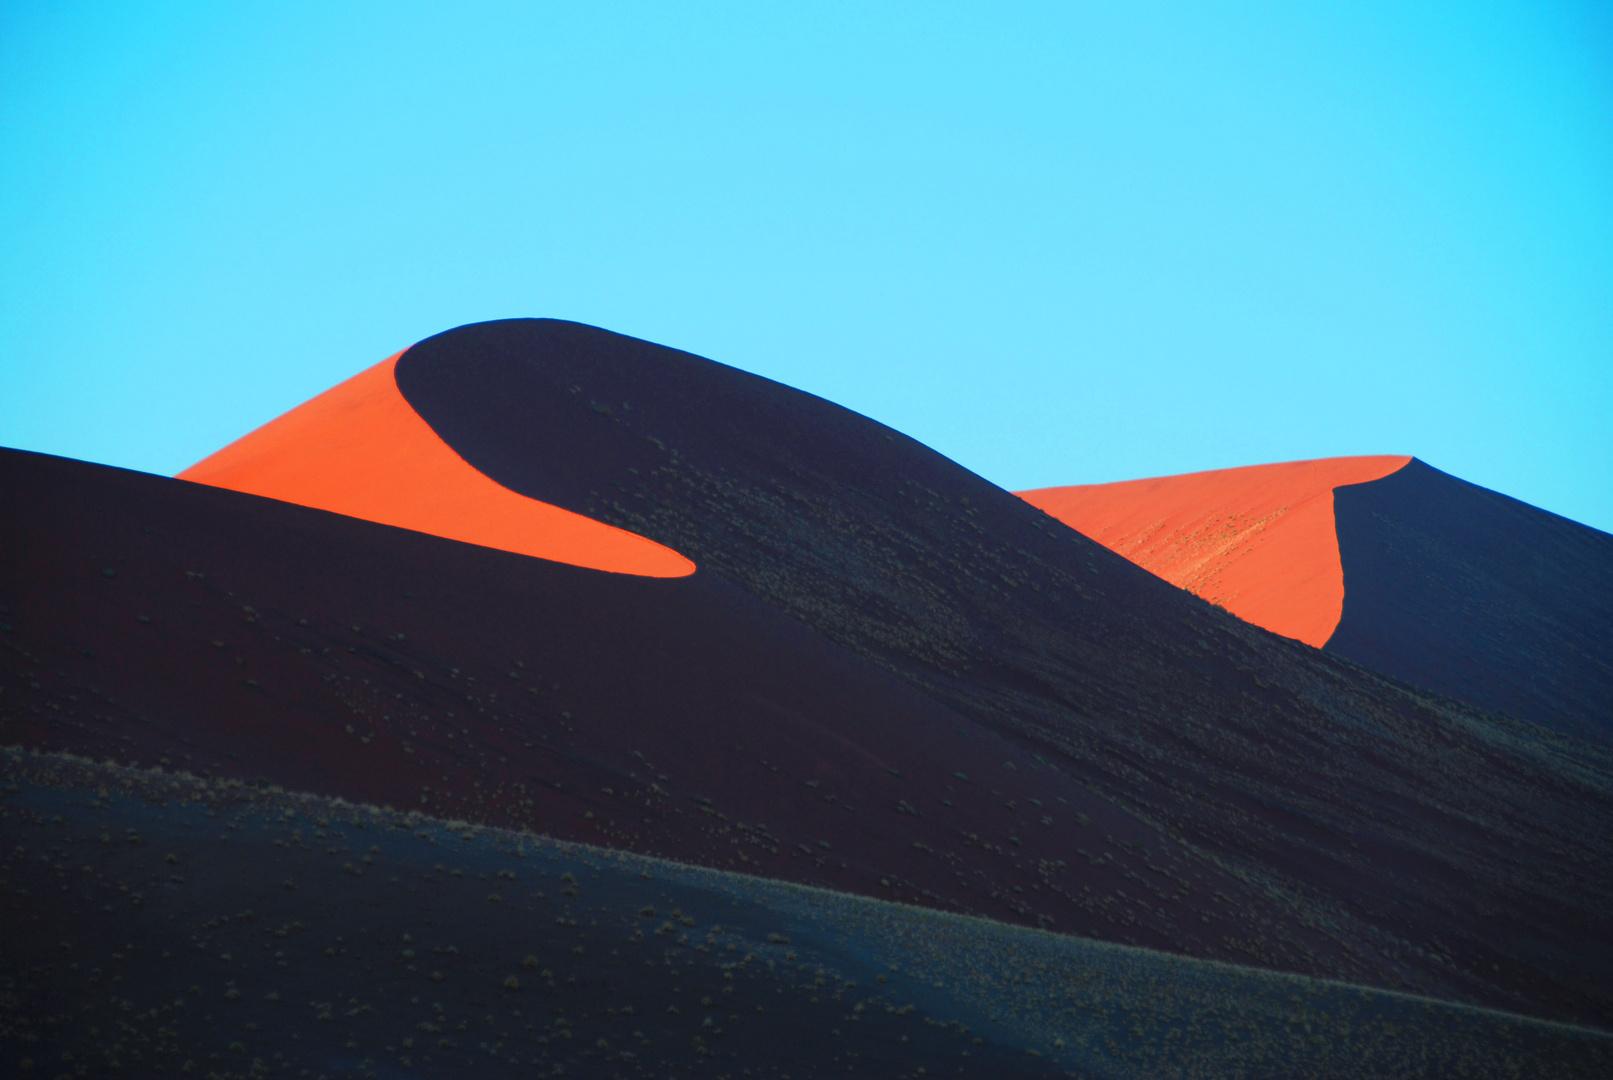 Namibia - Deserto Giochi d'ombre tra le dune